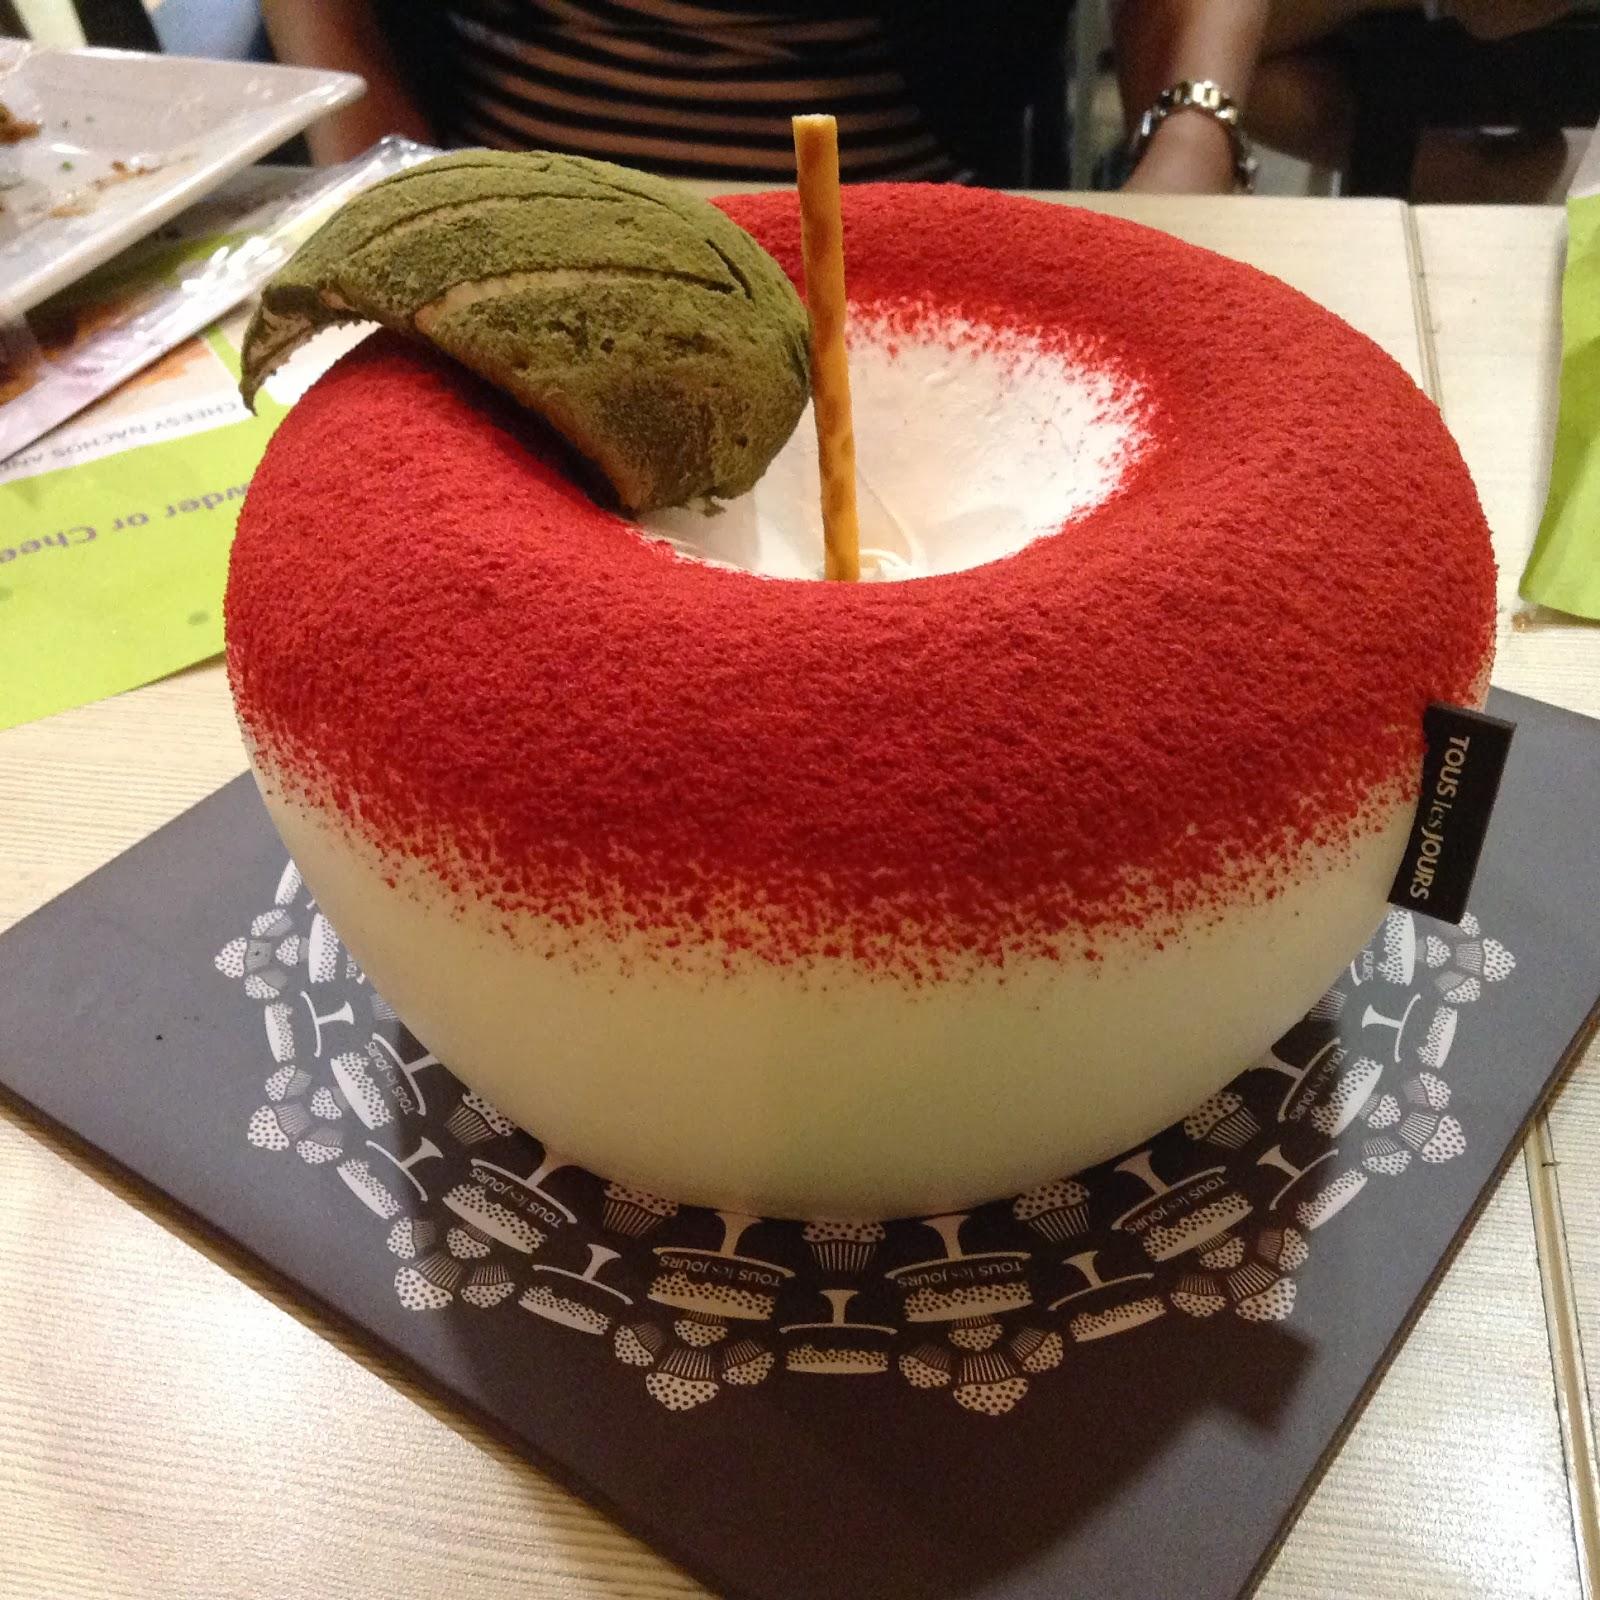 Tous Les Jours apple cake